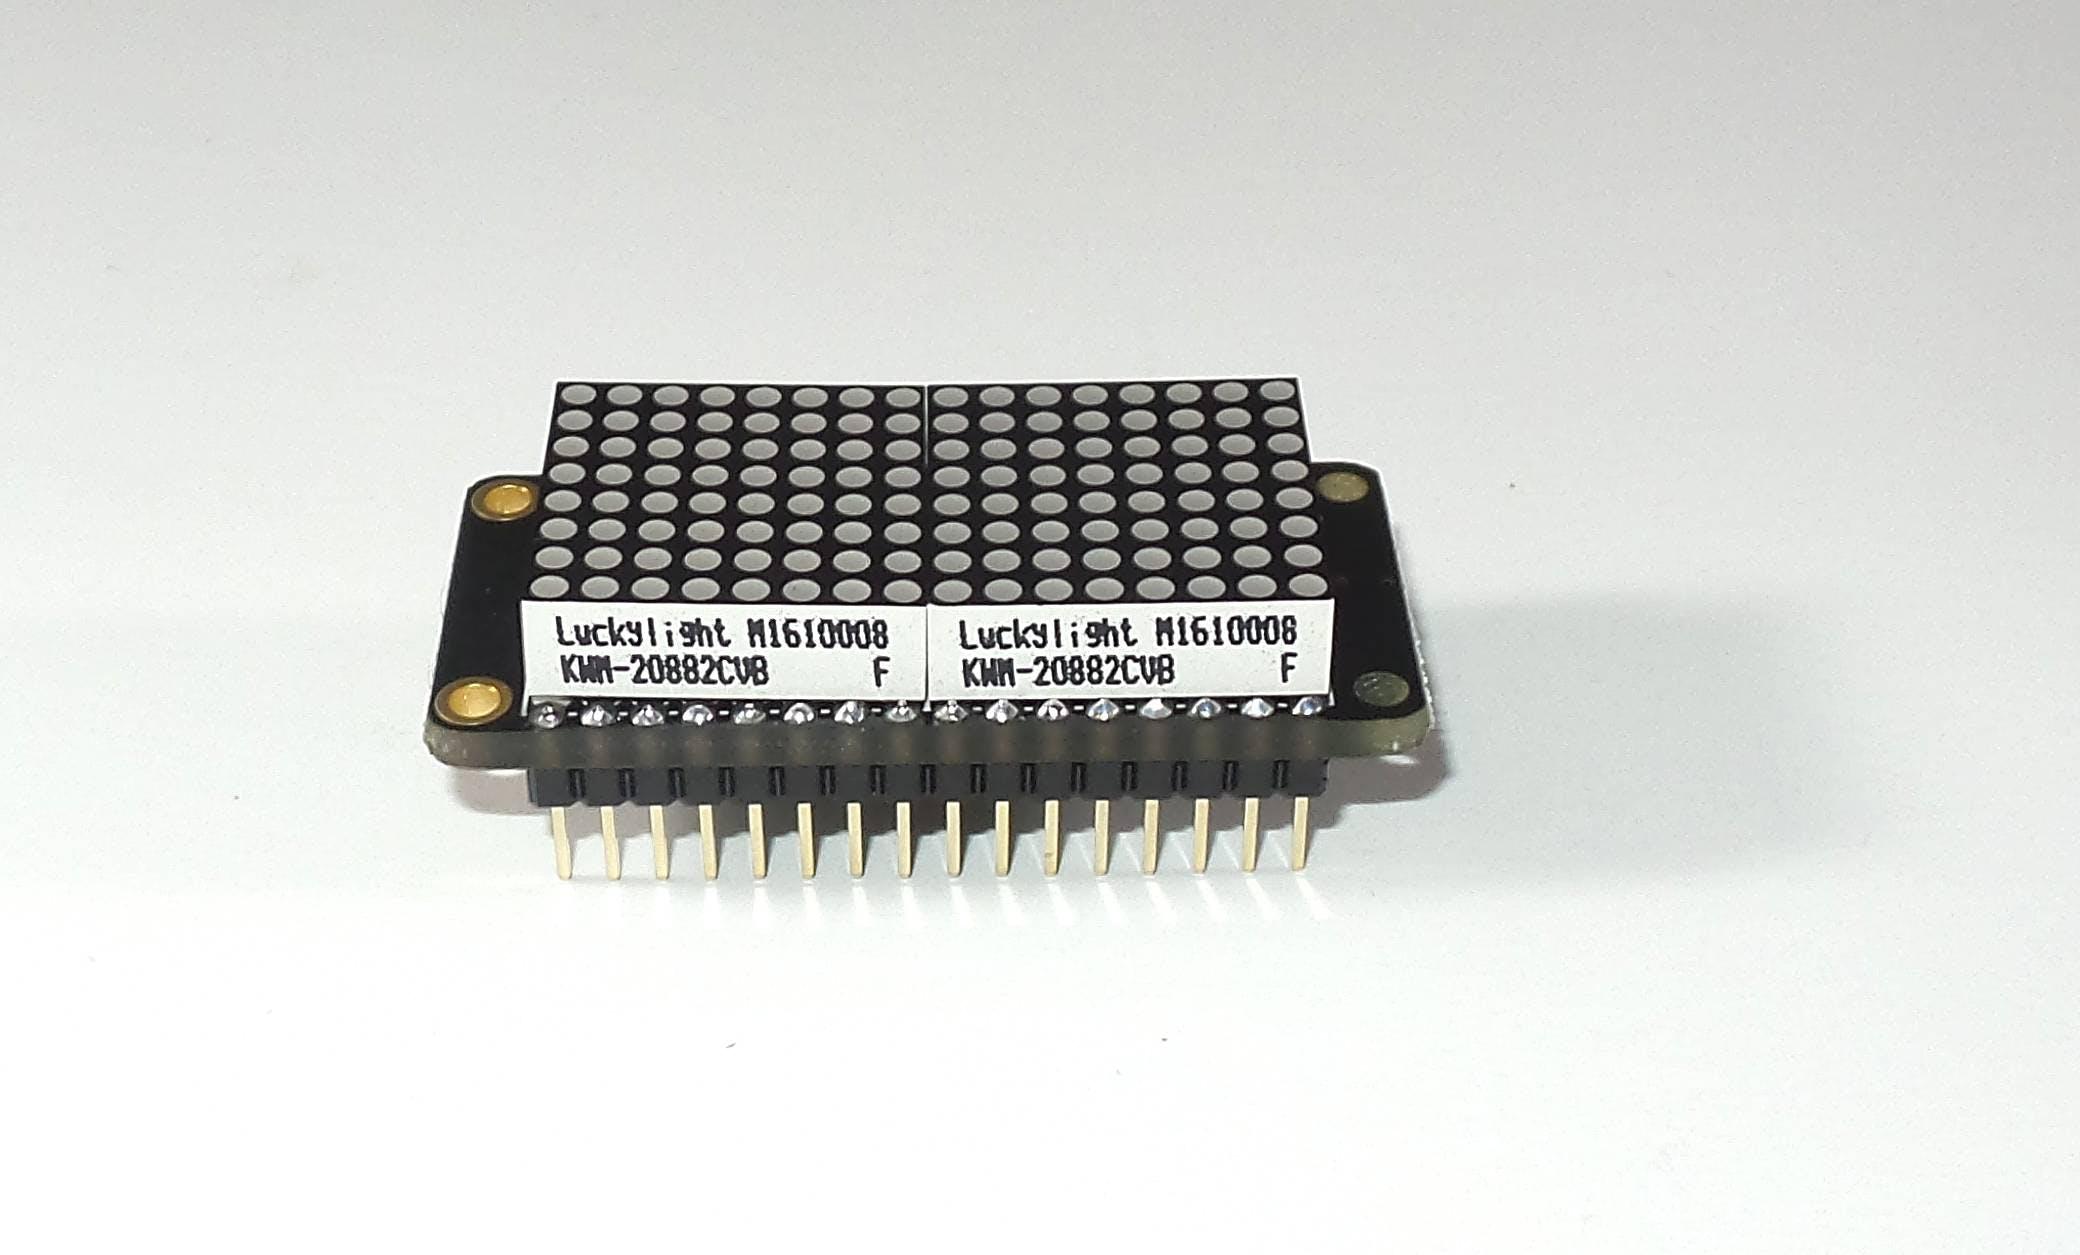 LED matrix assembled